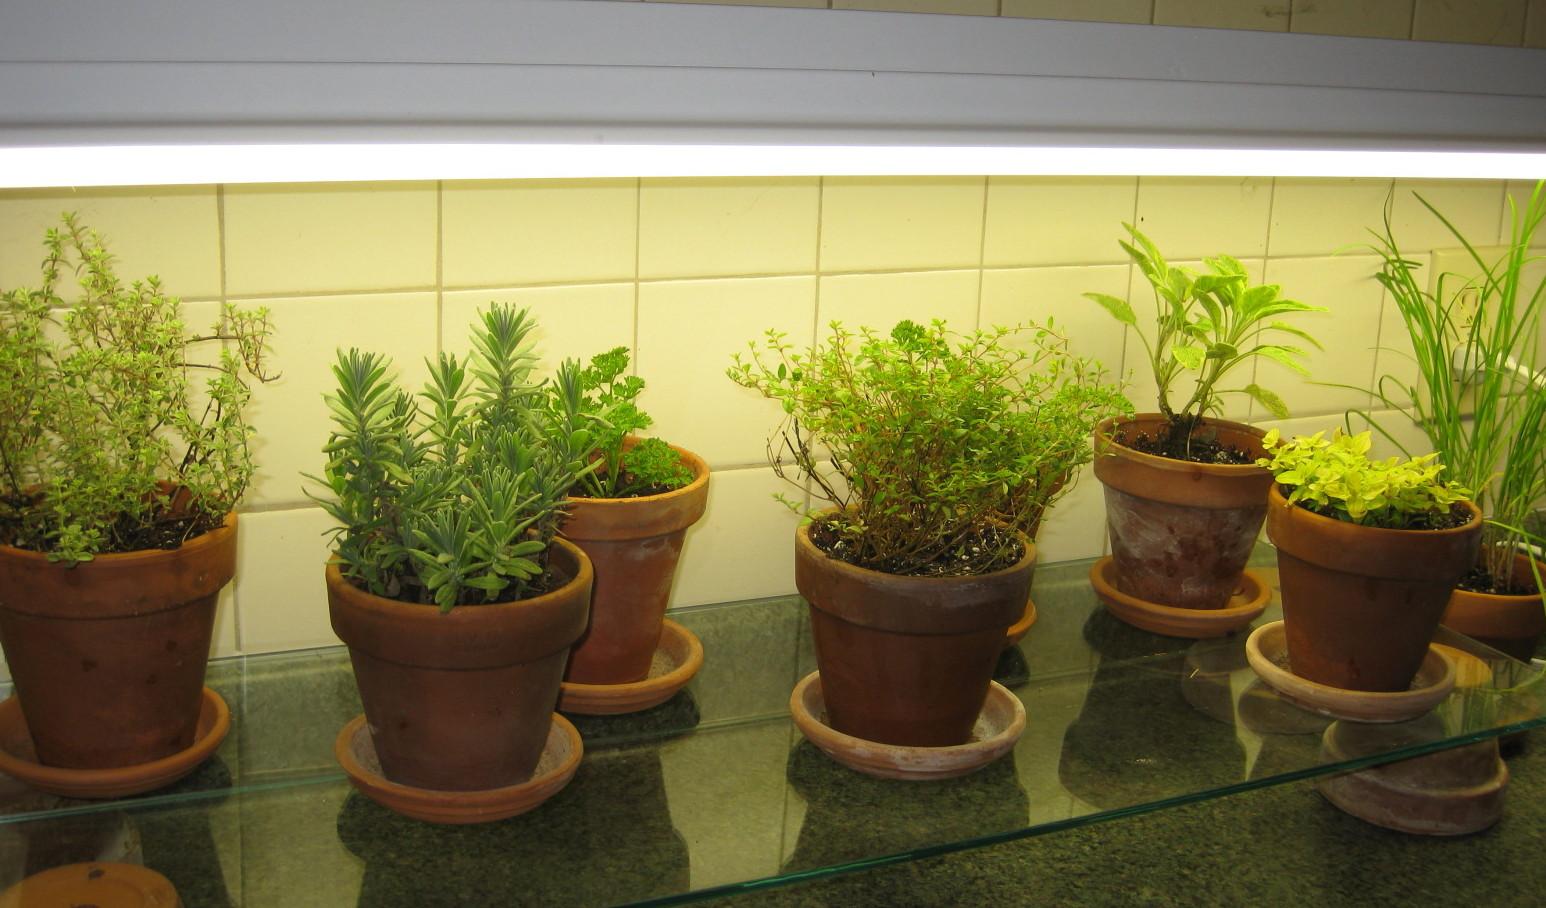 Ha növénymegvilágításra szánt fénycsövet teszünk a konyhapult feletti lámpába, máris növénybe borulhatnak a sötét konyhák is!